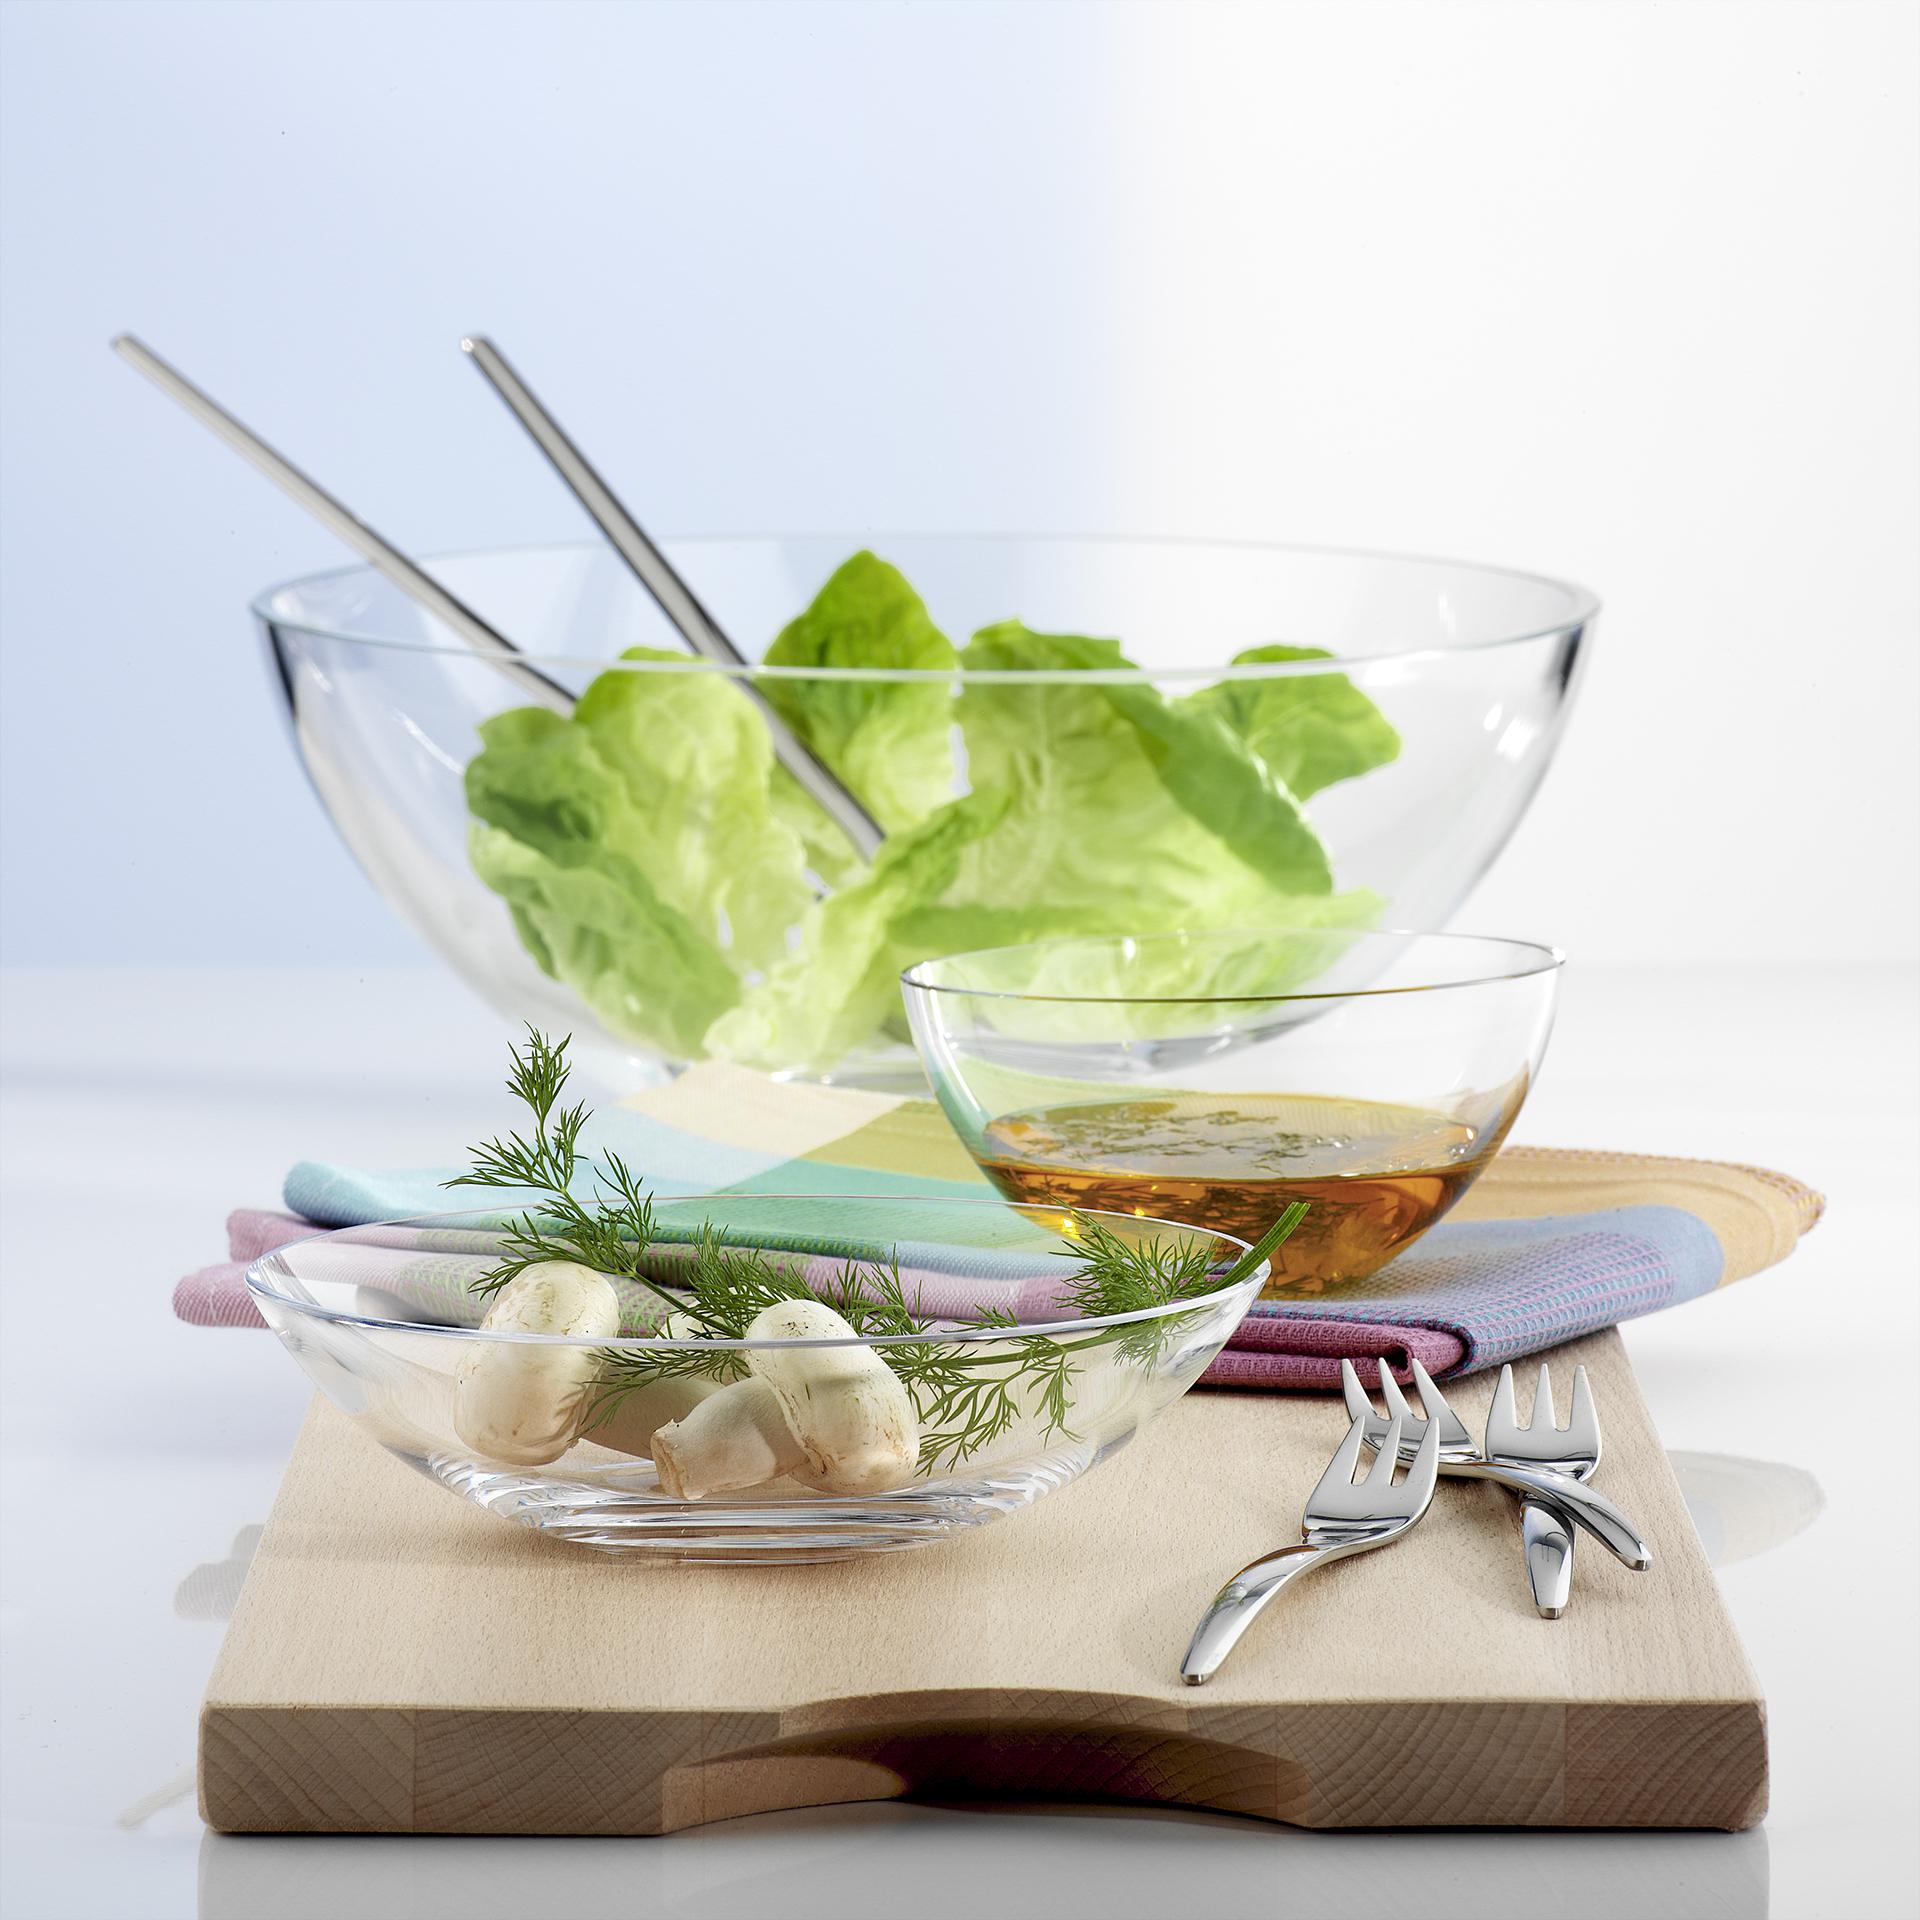 Produktfotografie Werbefotografie Salatschüsseln in drei Größen mit Salat und Dressing Inhalt auf Holzbrett. Feigefotodesign